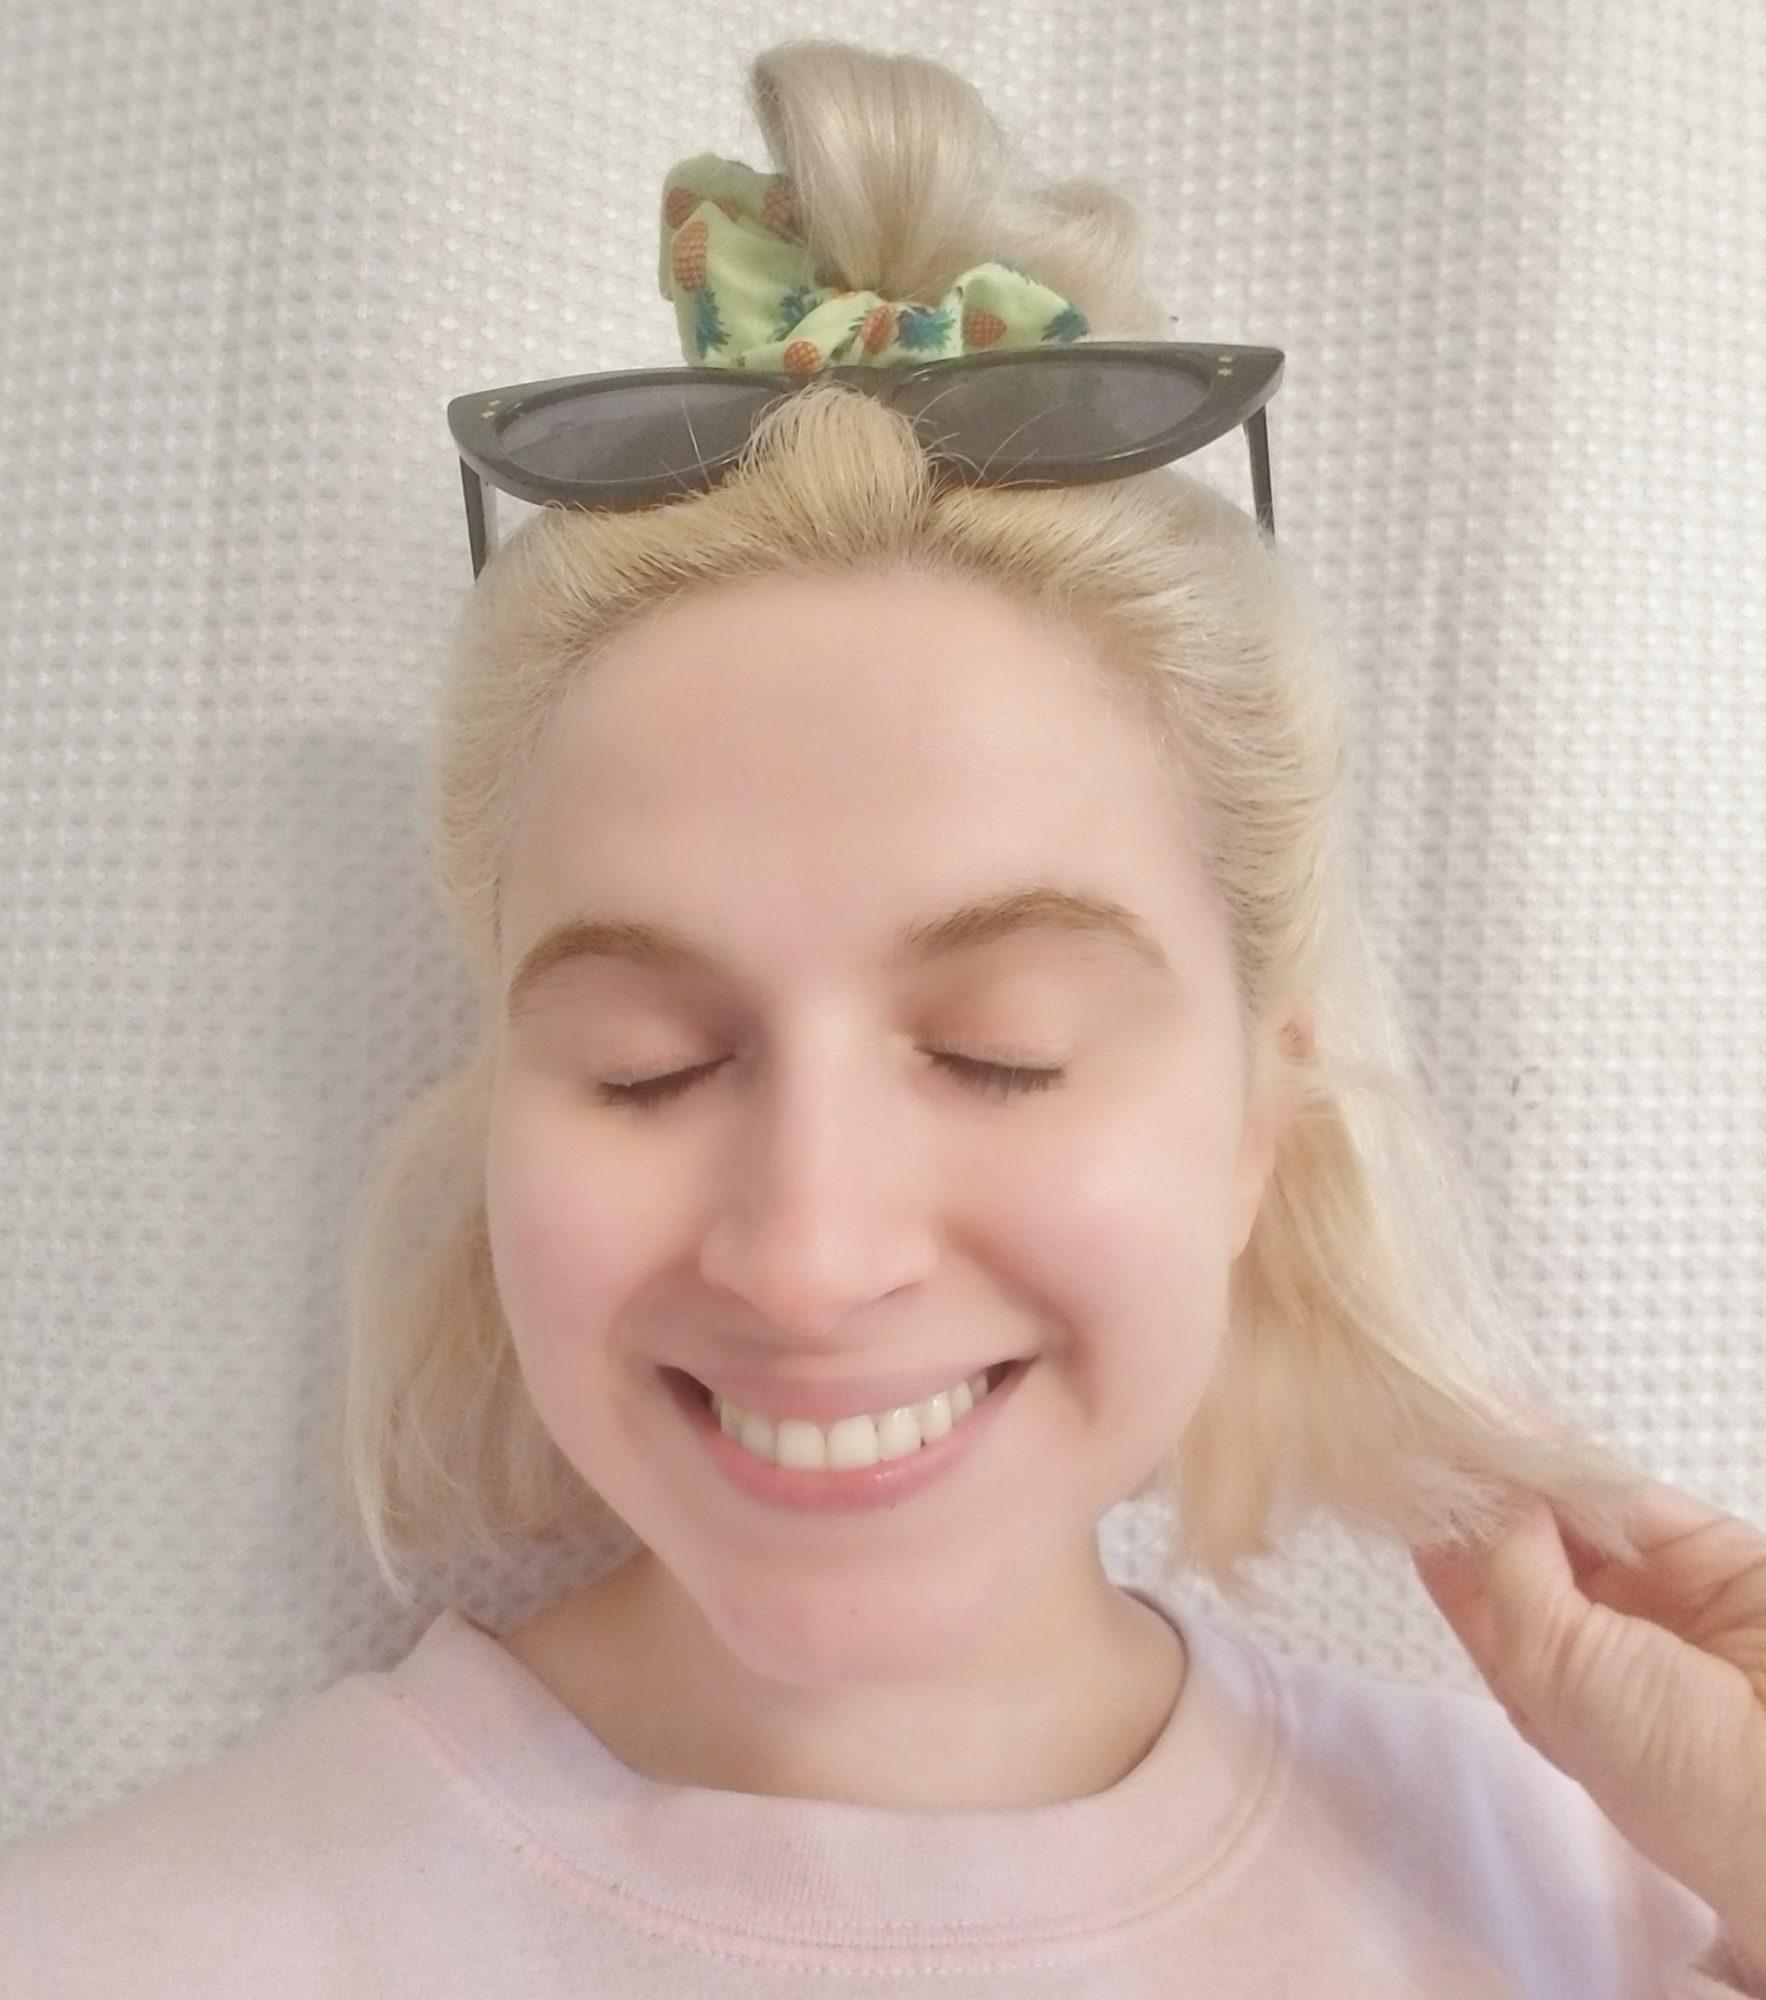 coconut-oil-hair-treatment-dry.jpg